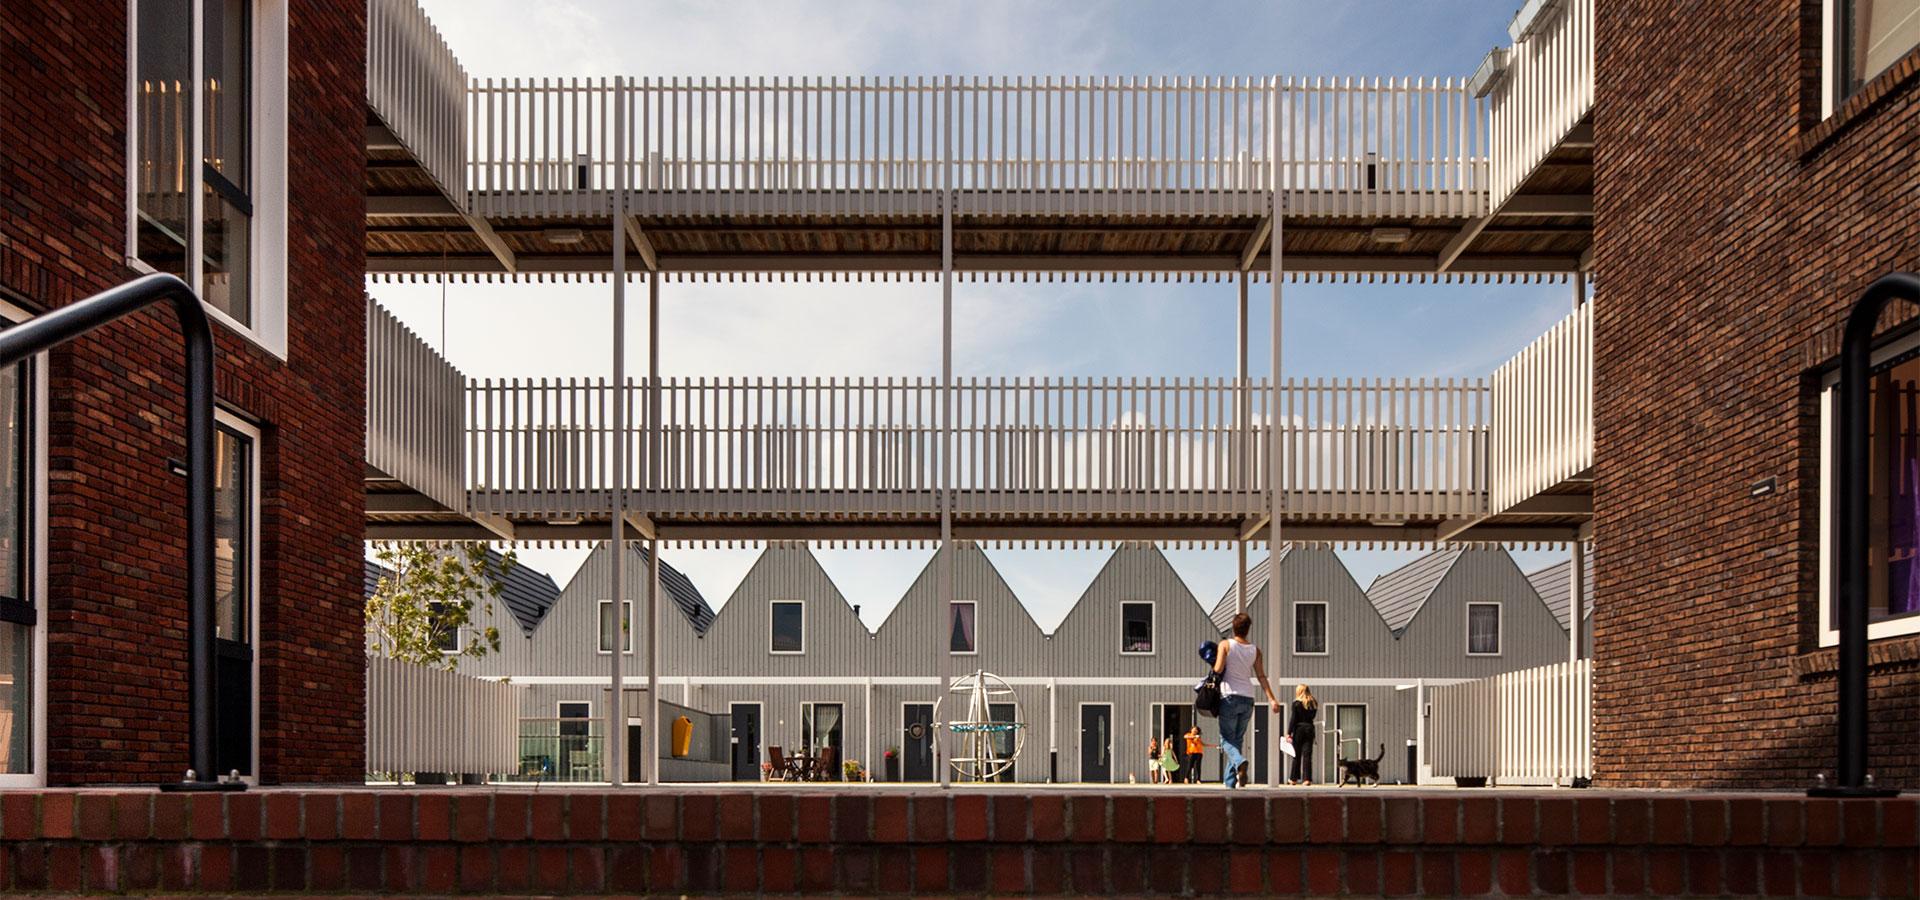 FARO architecten Harnaschpolder Delft 08